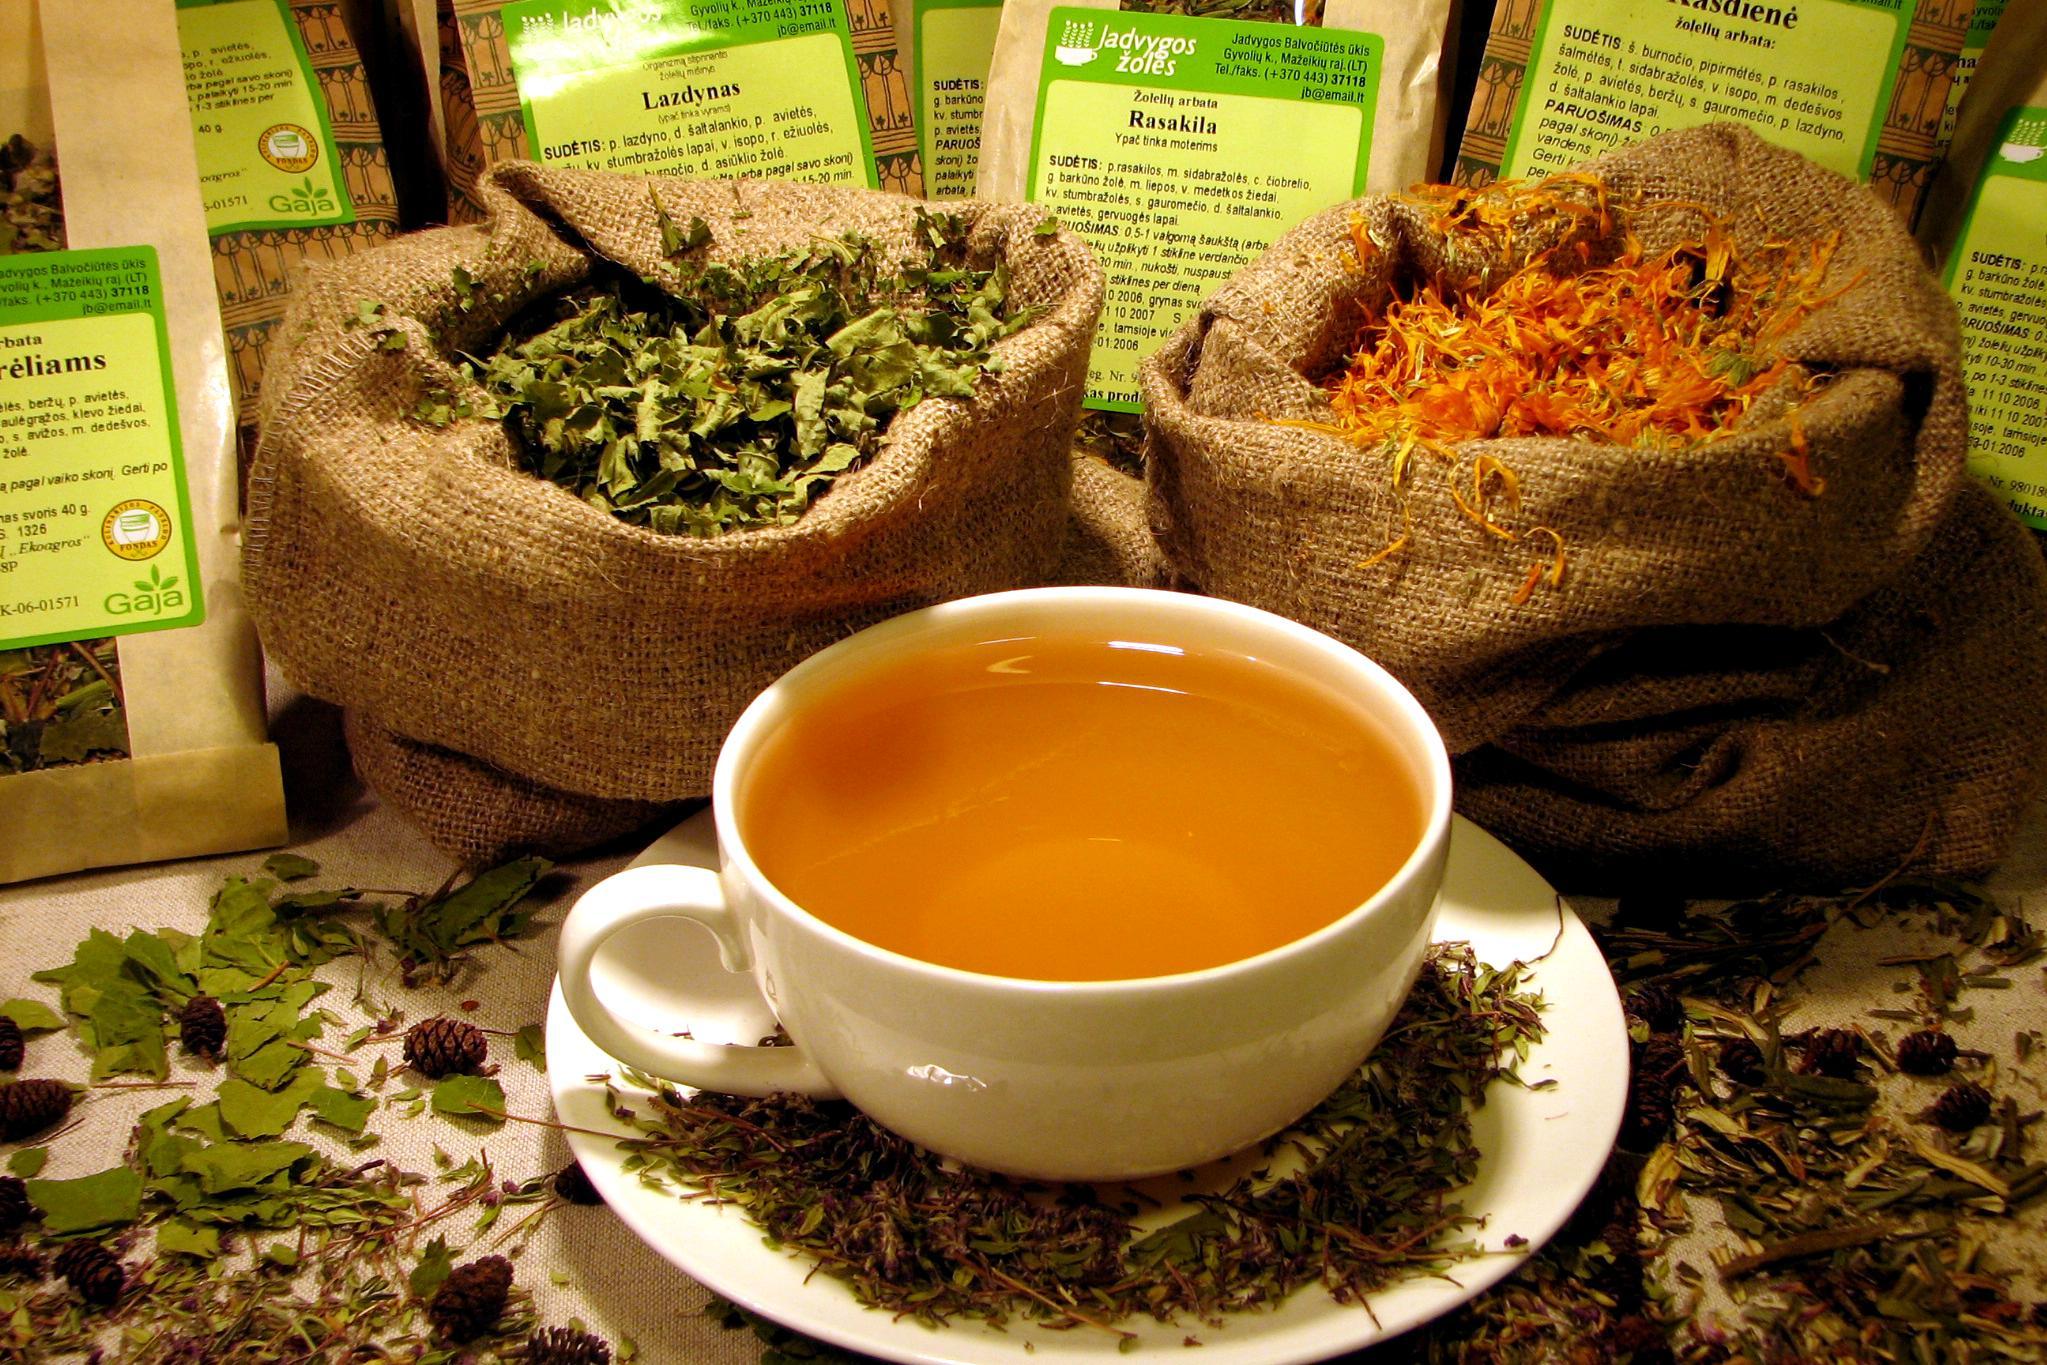 Segíti a fogyást, kiűzi a méreganyagokat: zsírégető tea házilag - Retiküz-line.hu |